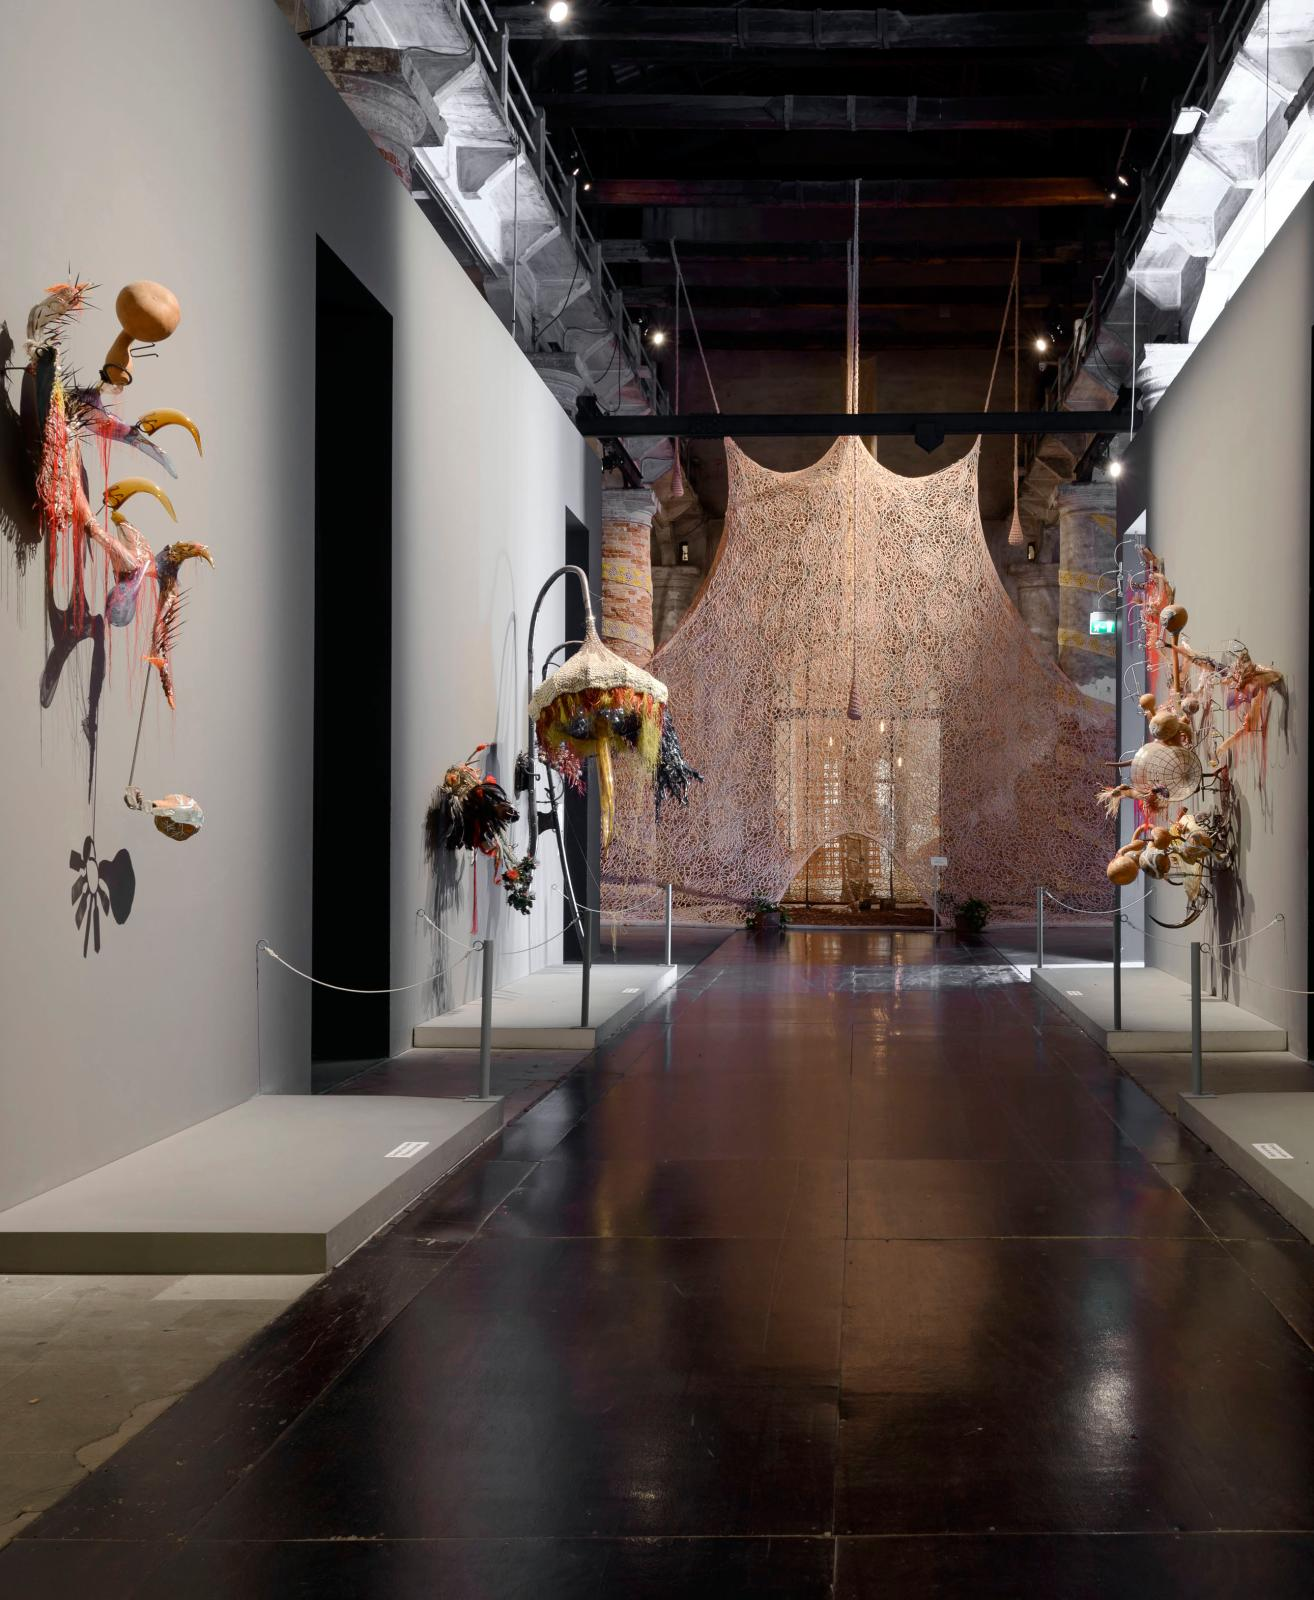 Vue du pavillon international, Biennale de Venise2017. Sur les côtés, œuvres de Rina Banerjee, artiste d'origine indienne vivant aux États-Unis repré